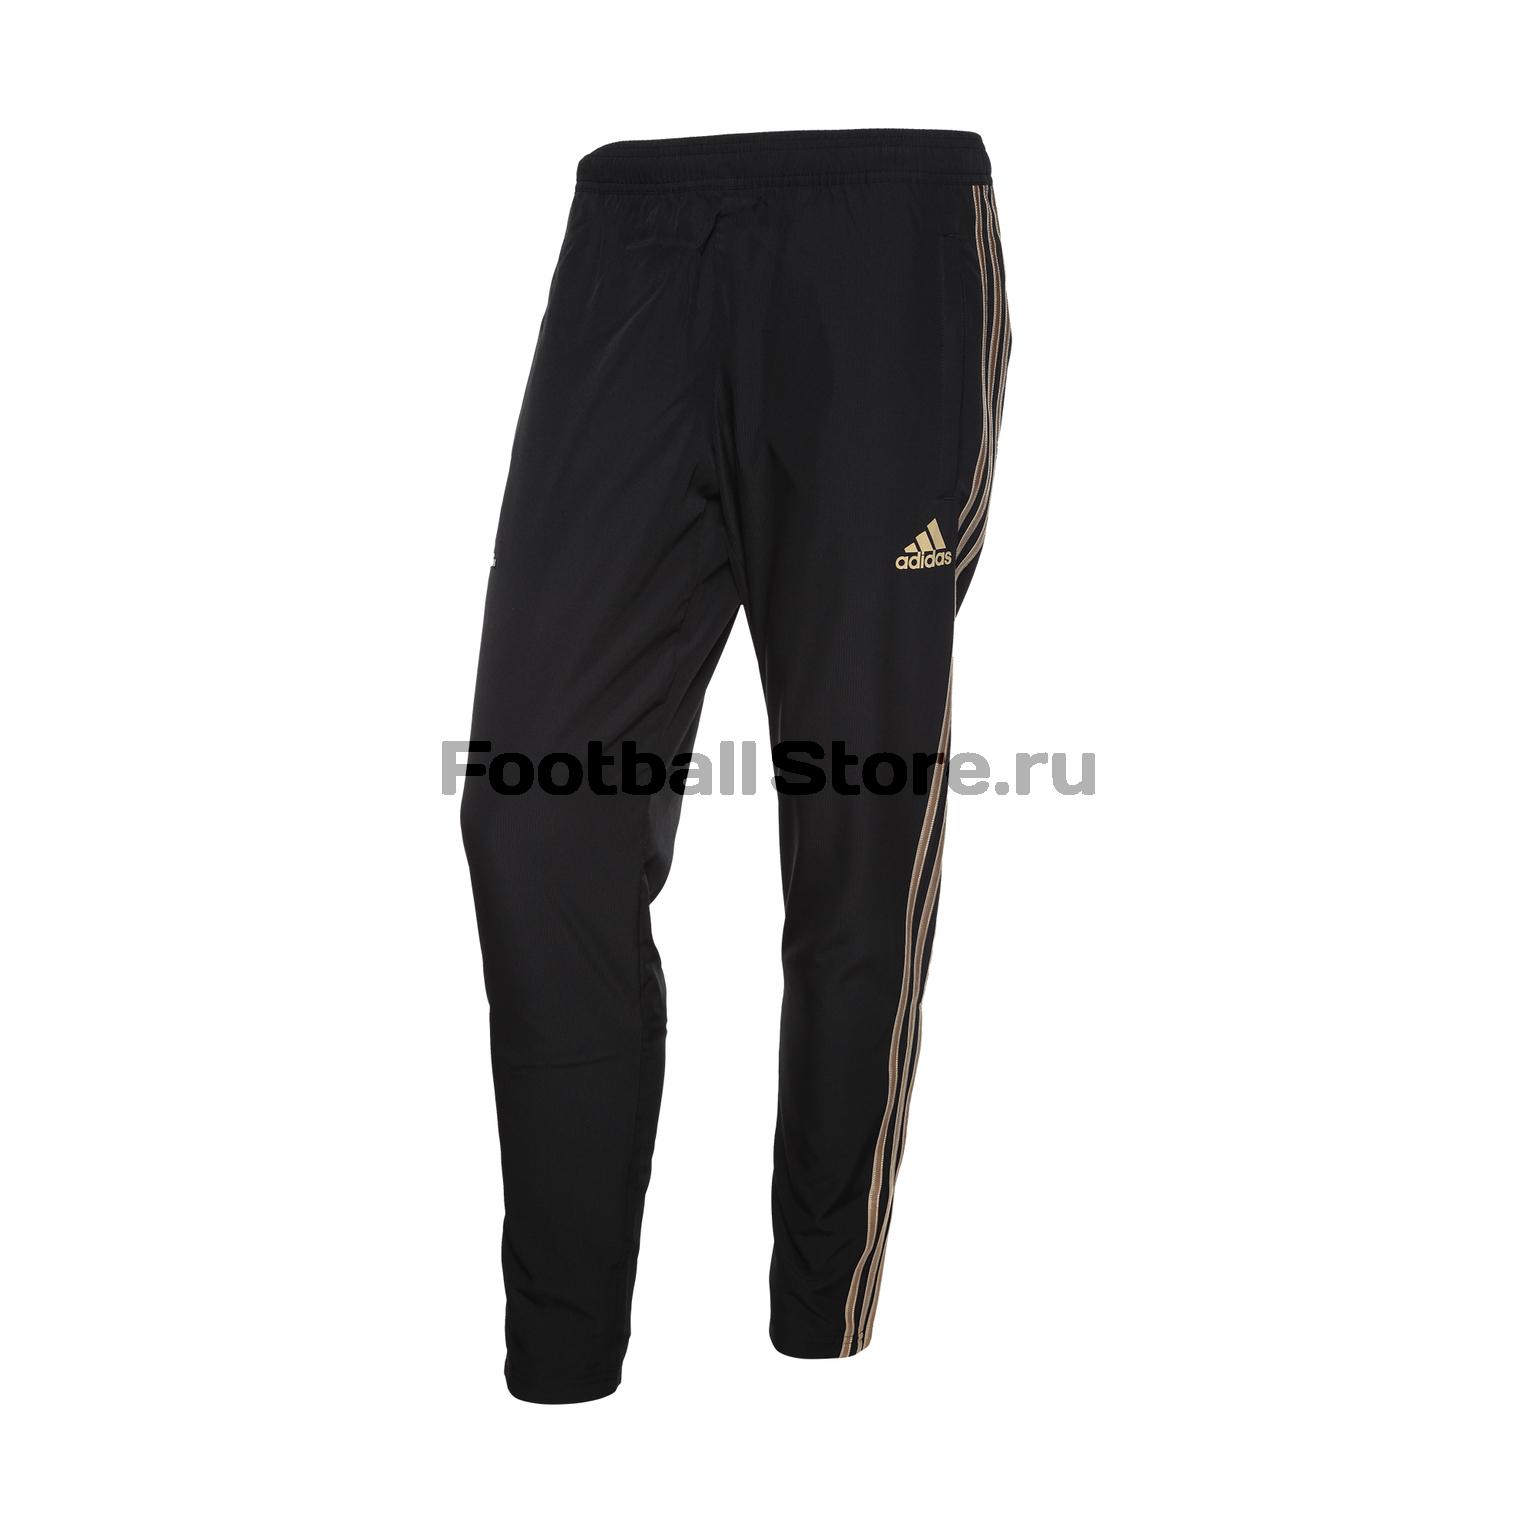 Брюки Adidas OE WOV PNT CF1743 брюки adidas брюки тренировочные adidas tiro17 wov pnt bq2793